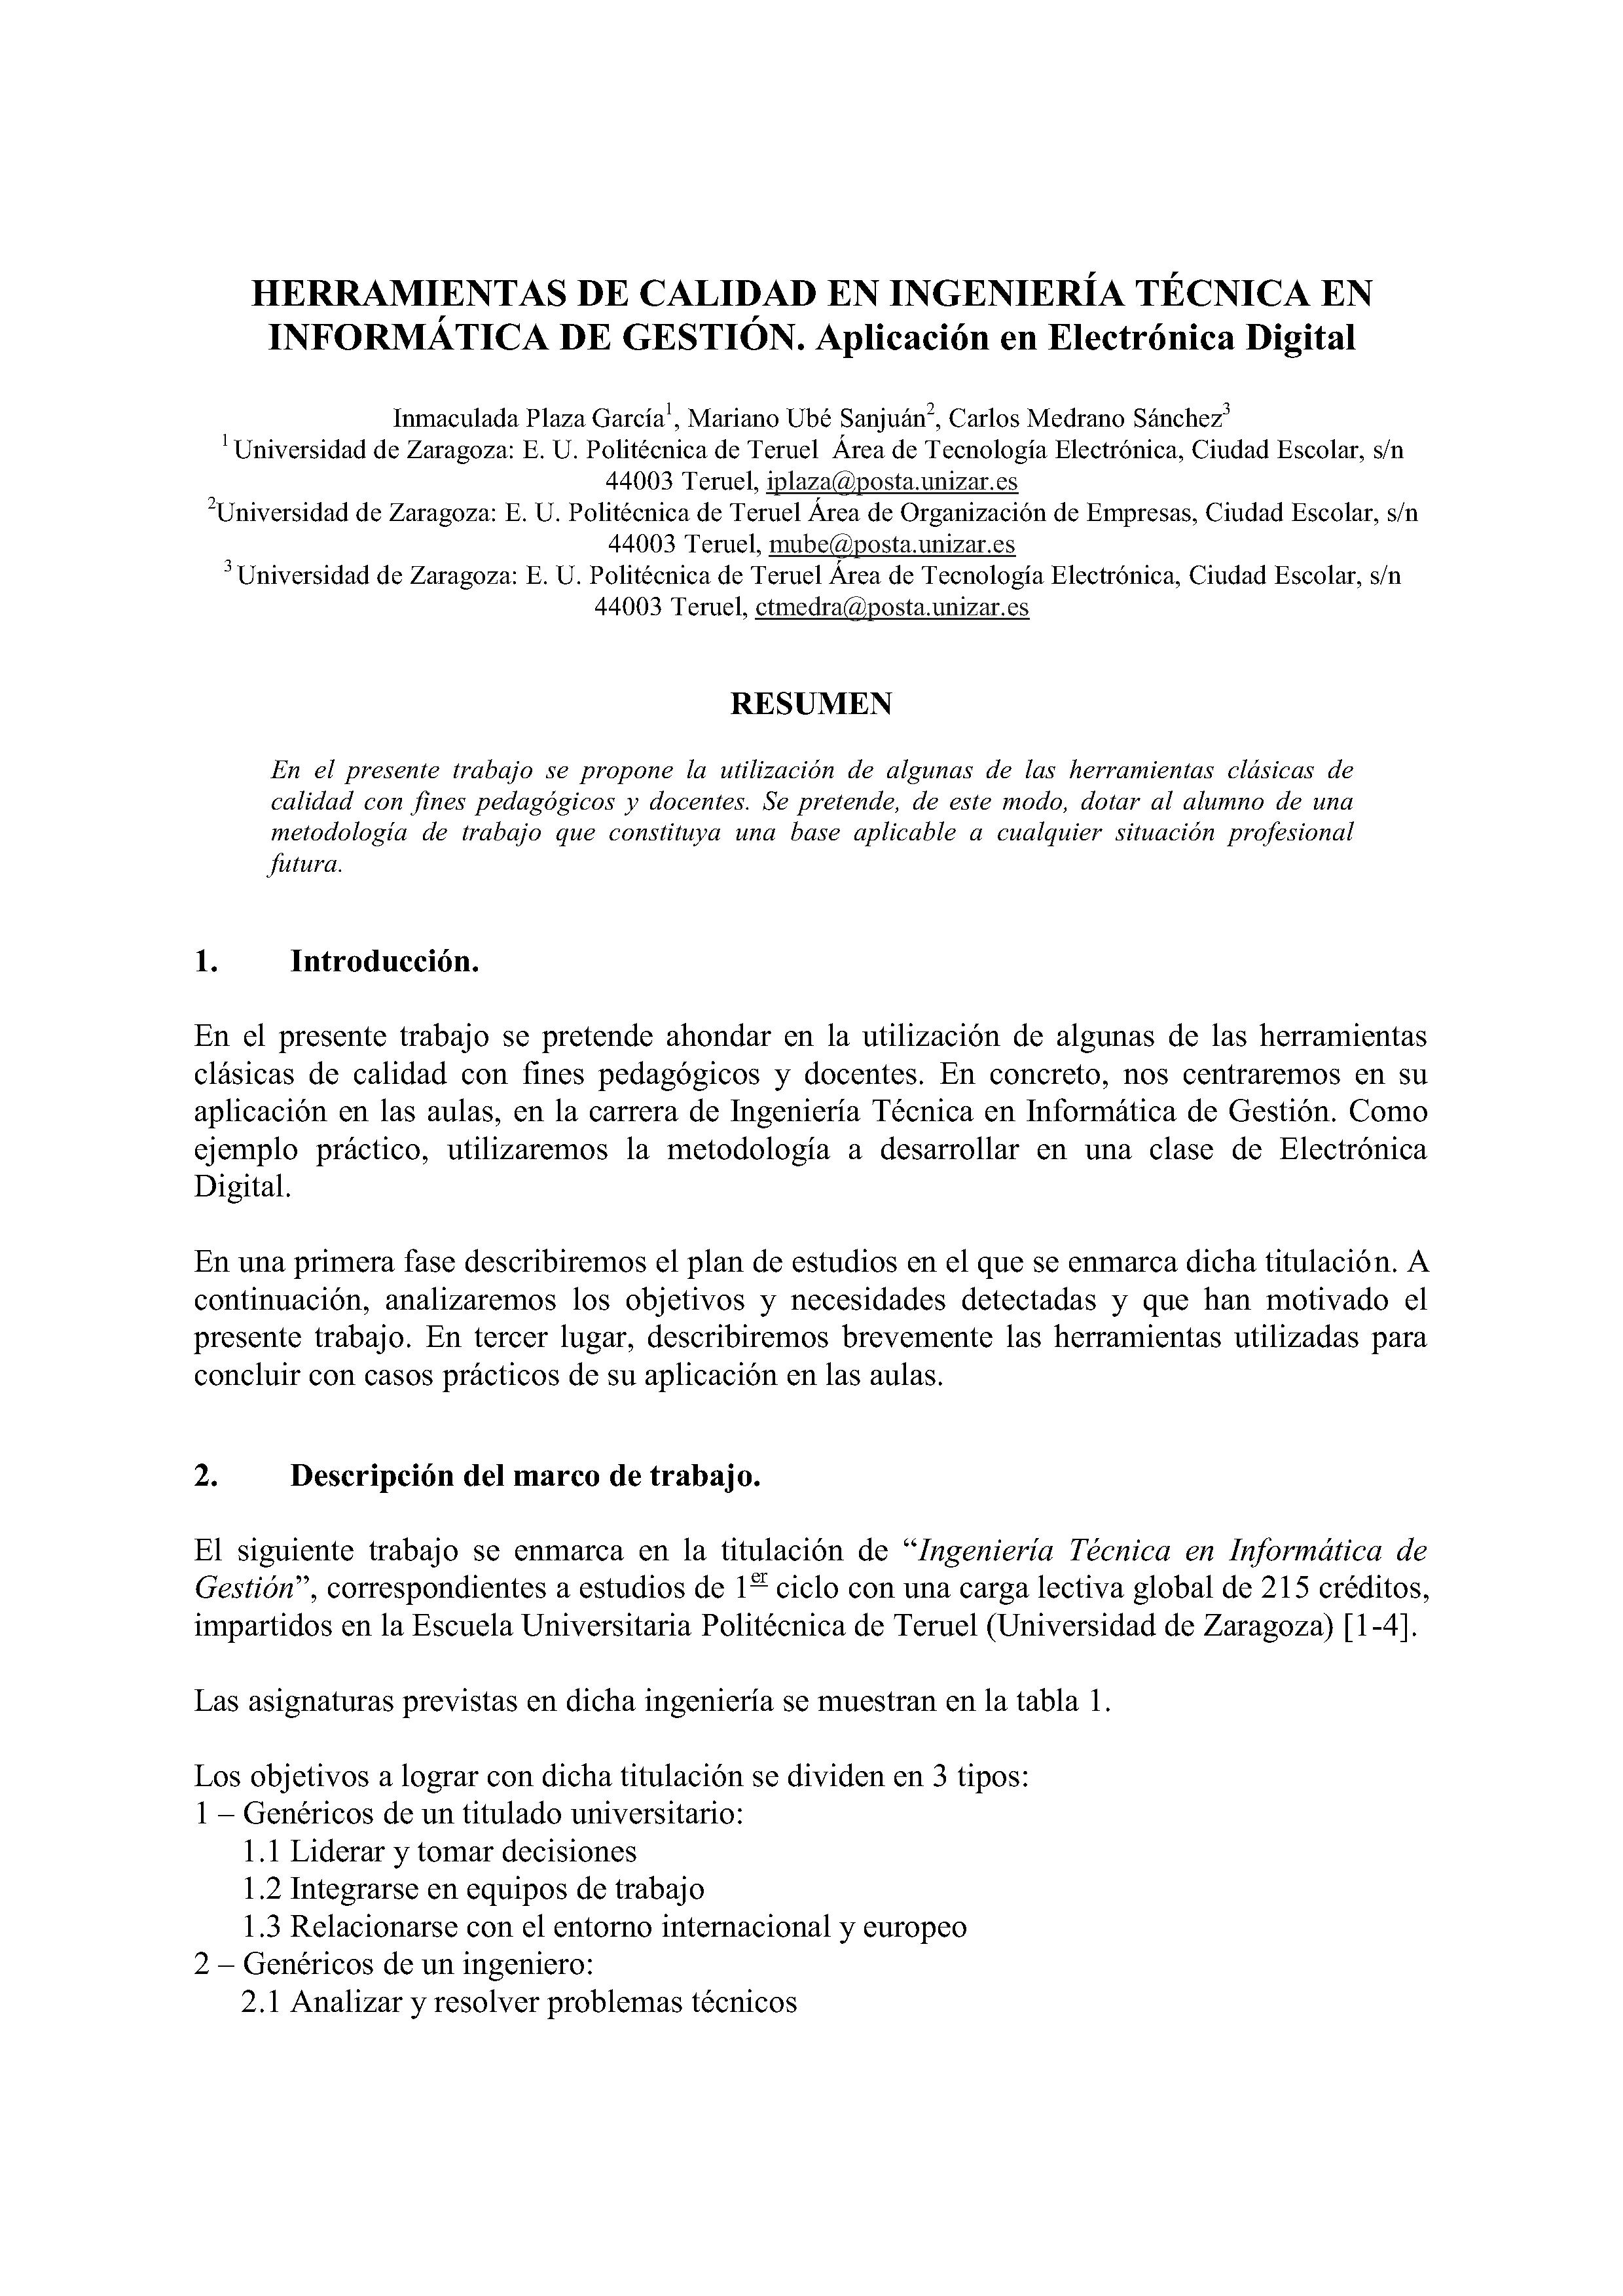 HERRAMIENTAS DE CALIDAD EN INGENIERÍA TECNICA EN INFORMATICA DE GESTION. Aplicación en Electrónica Digital